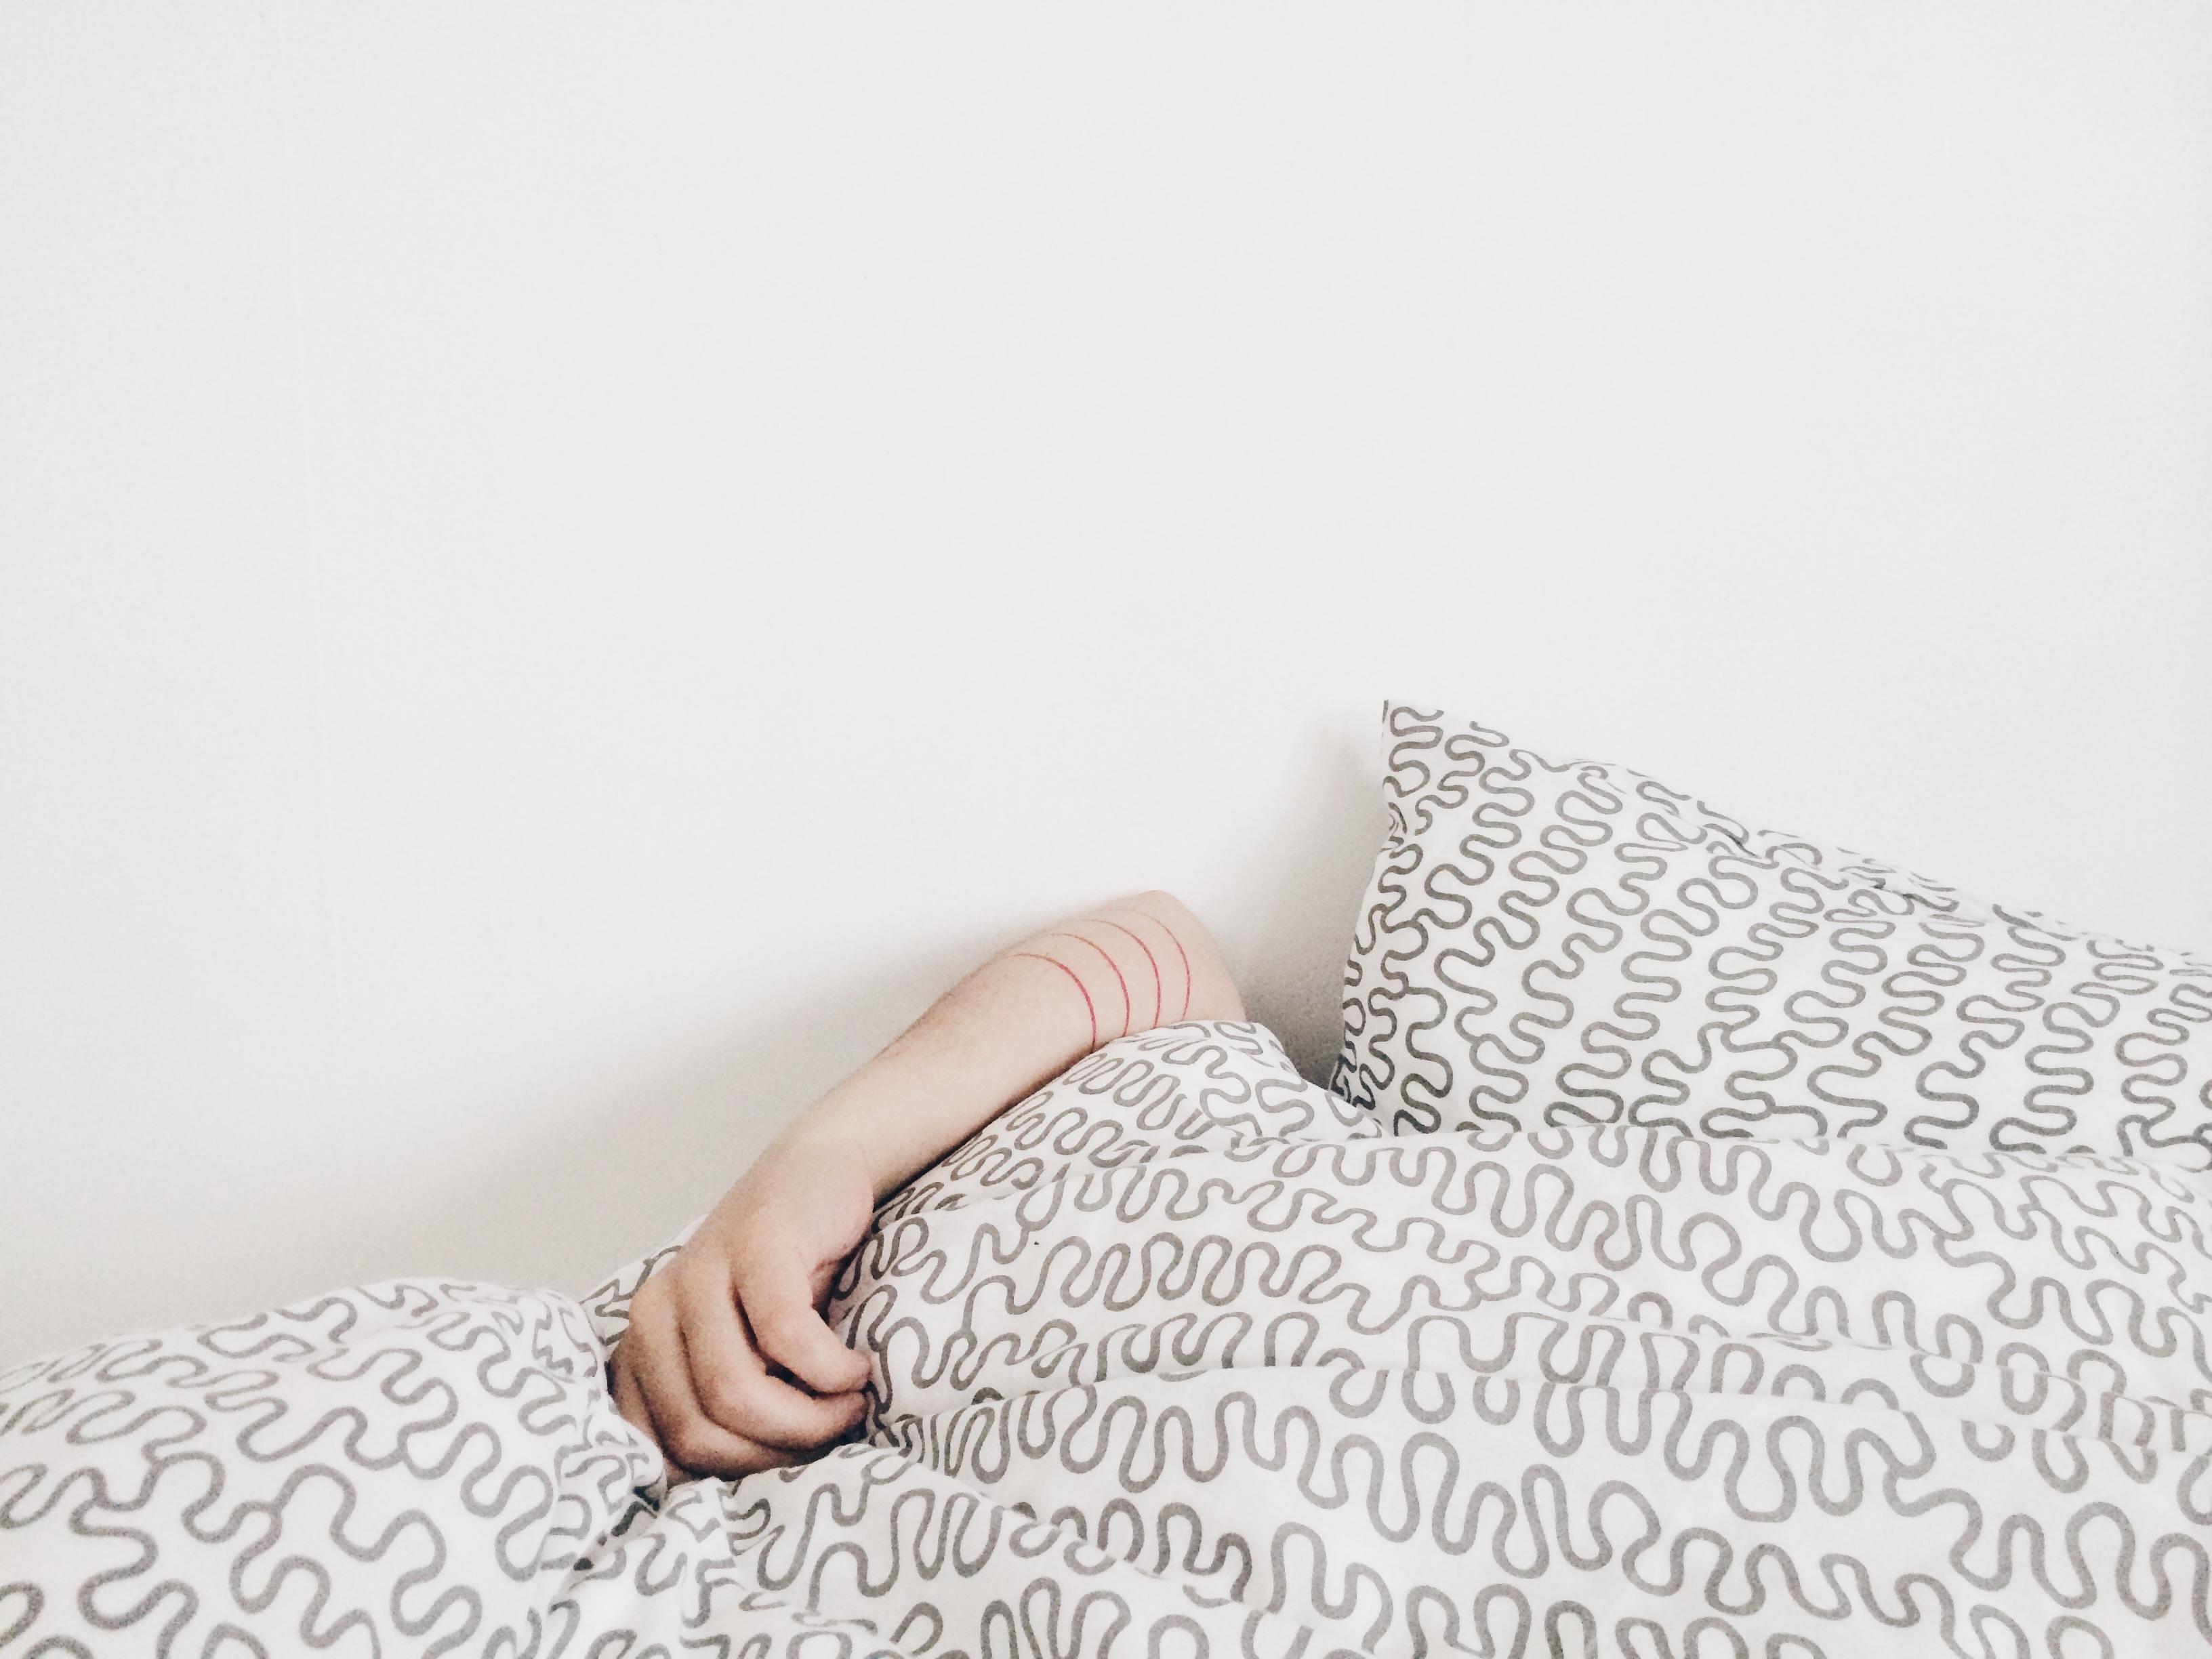 Fotos gratis : mano, Mañana, patrón, dormido, mueble, brazo ...